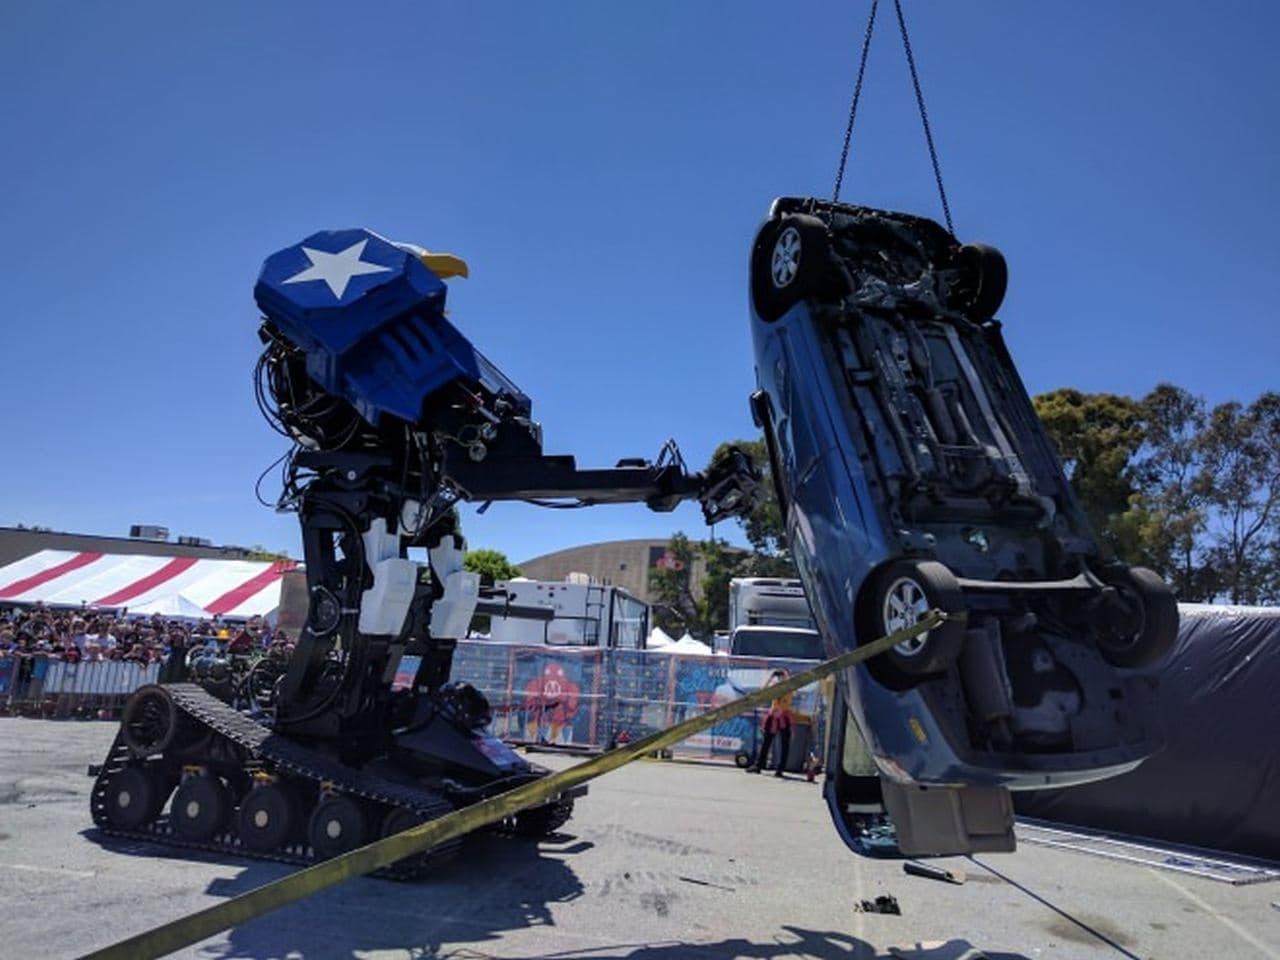 クラタスと日米決戦を行った巨大ロボ「MegaBot」、eBayで売られる